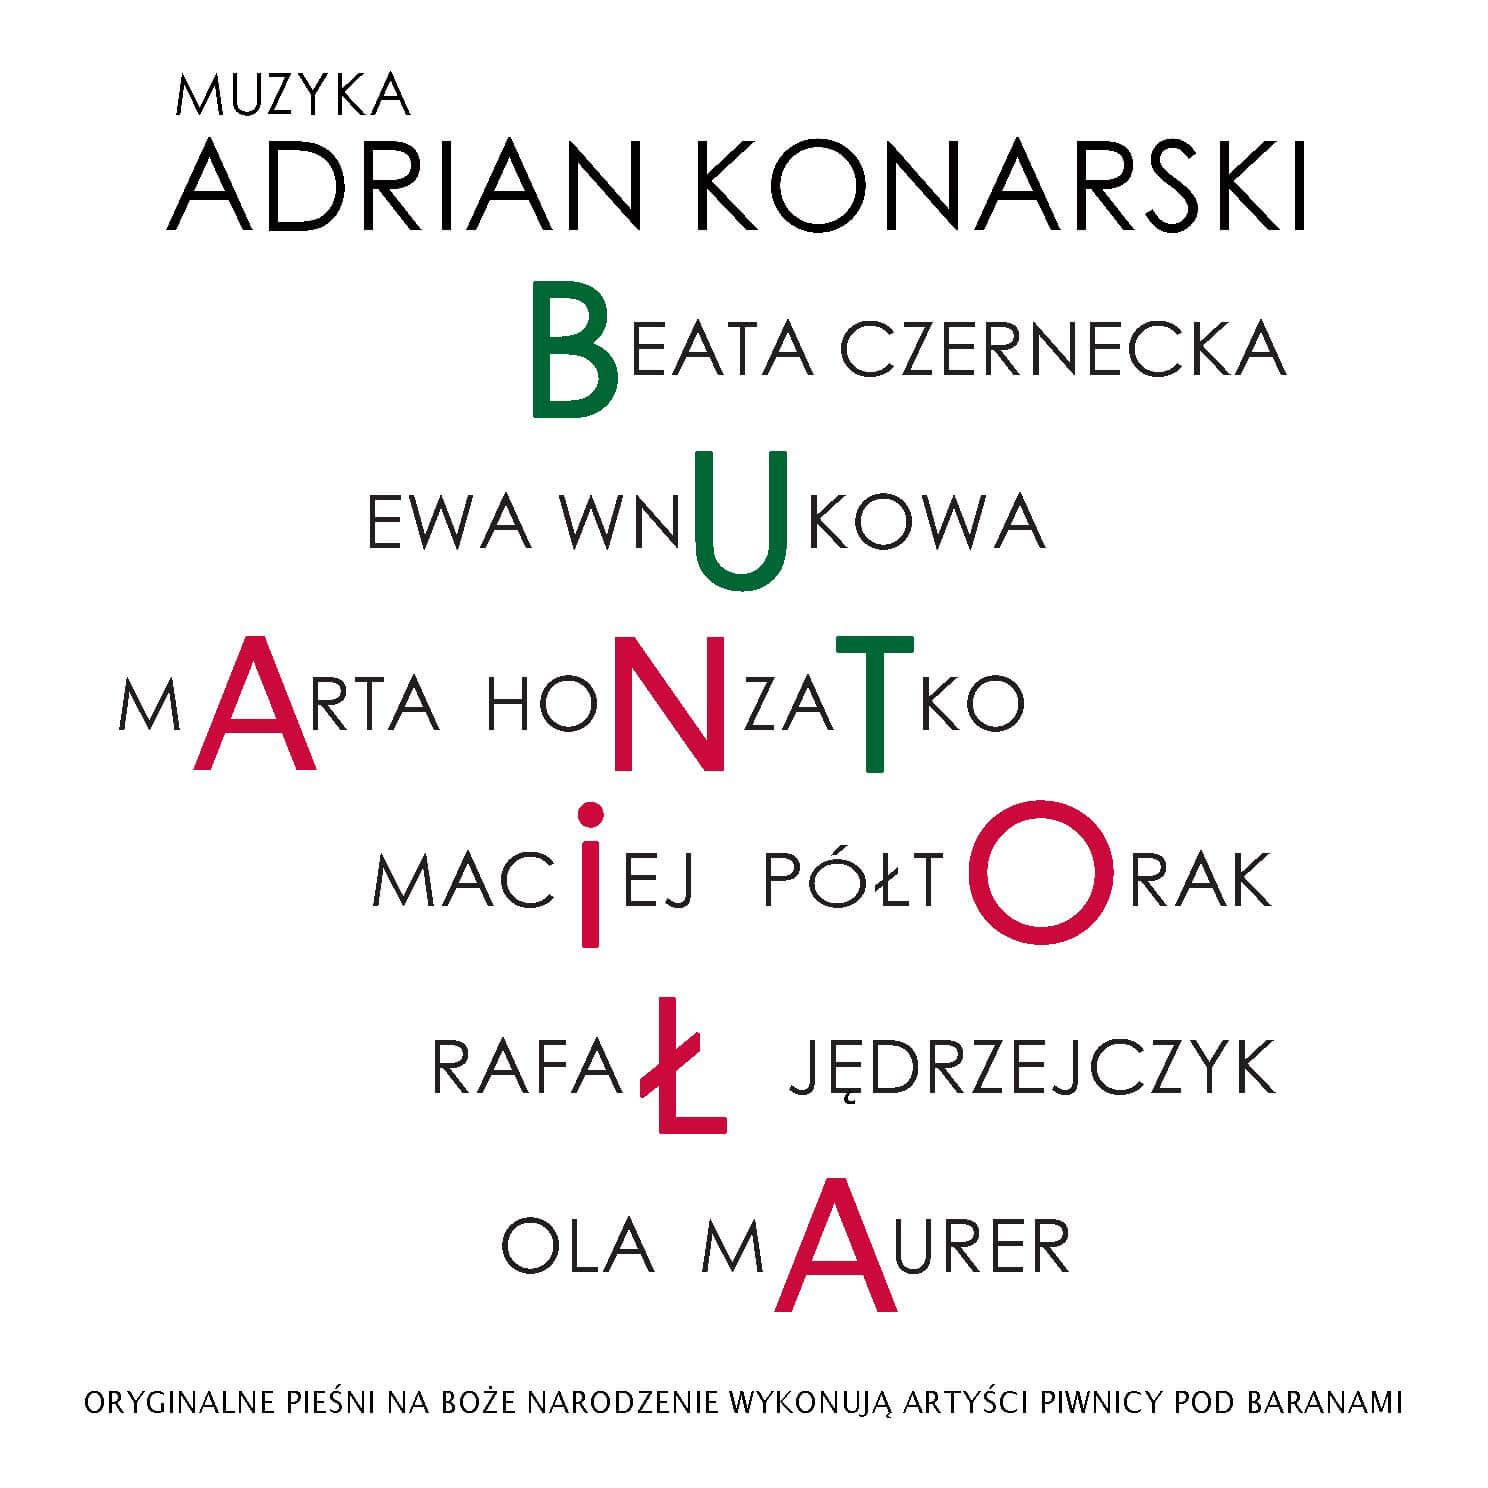 Adrian Konarski